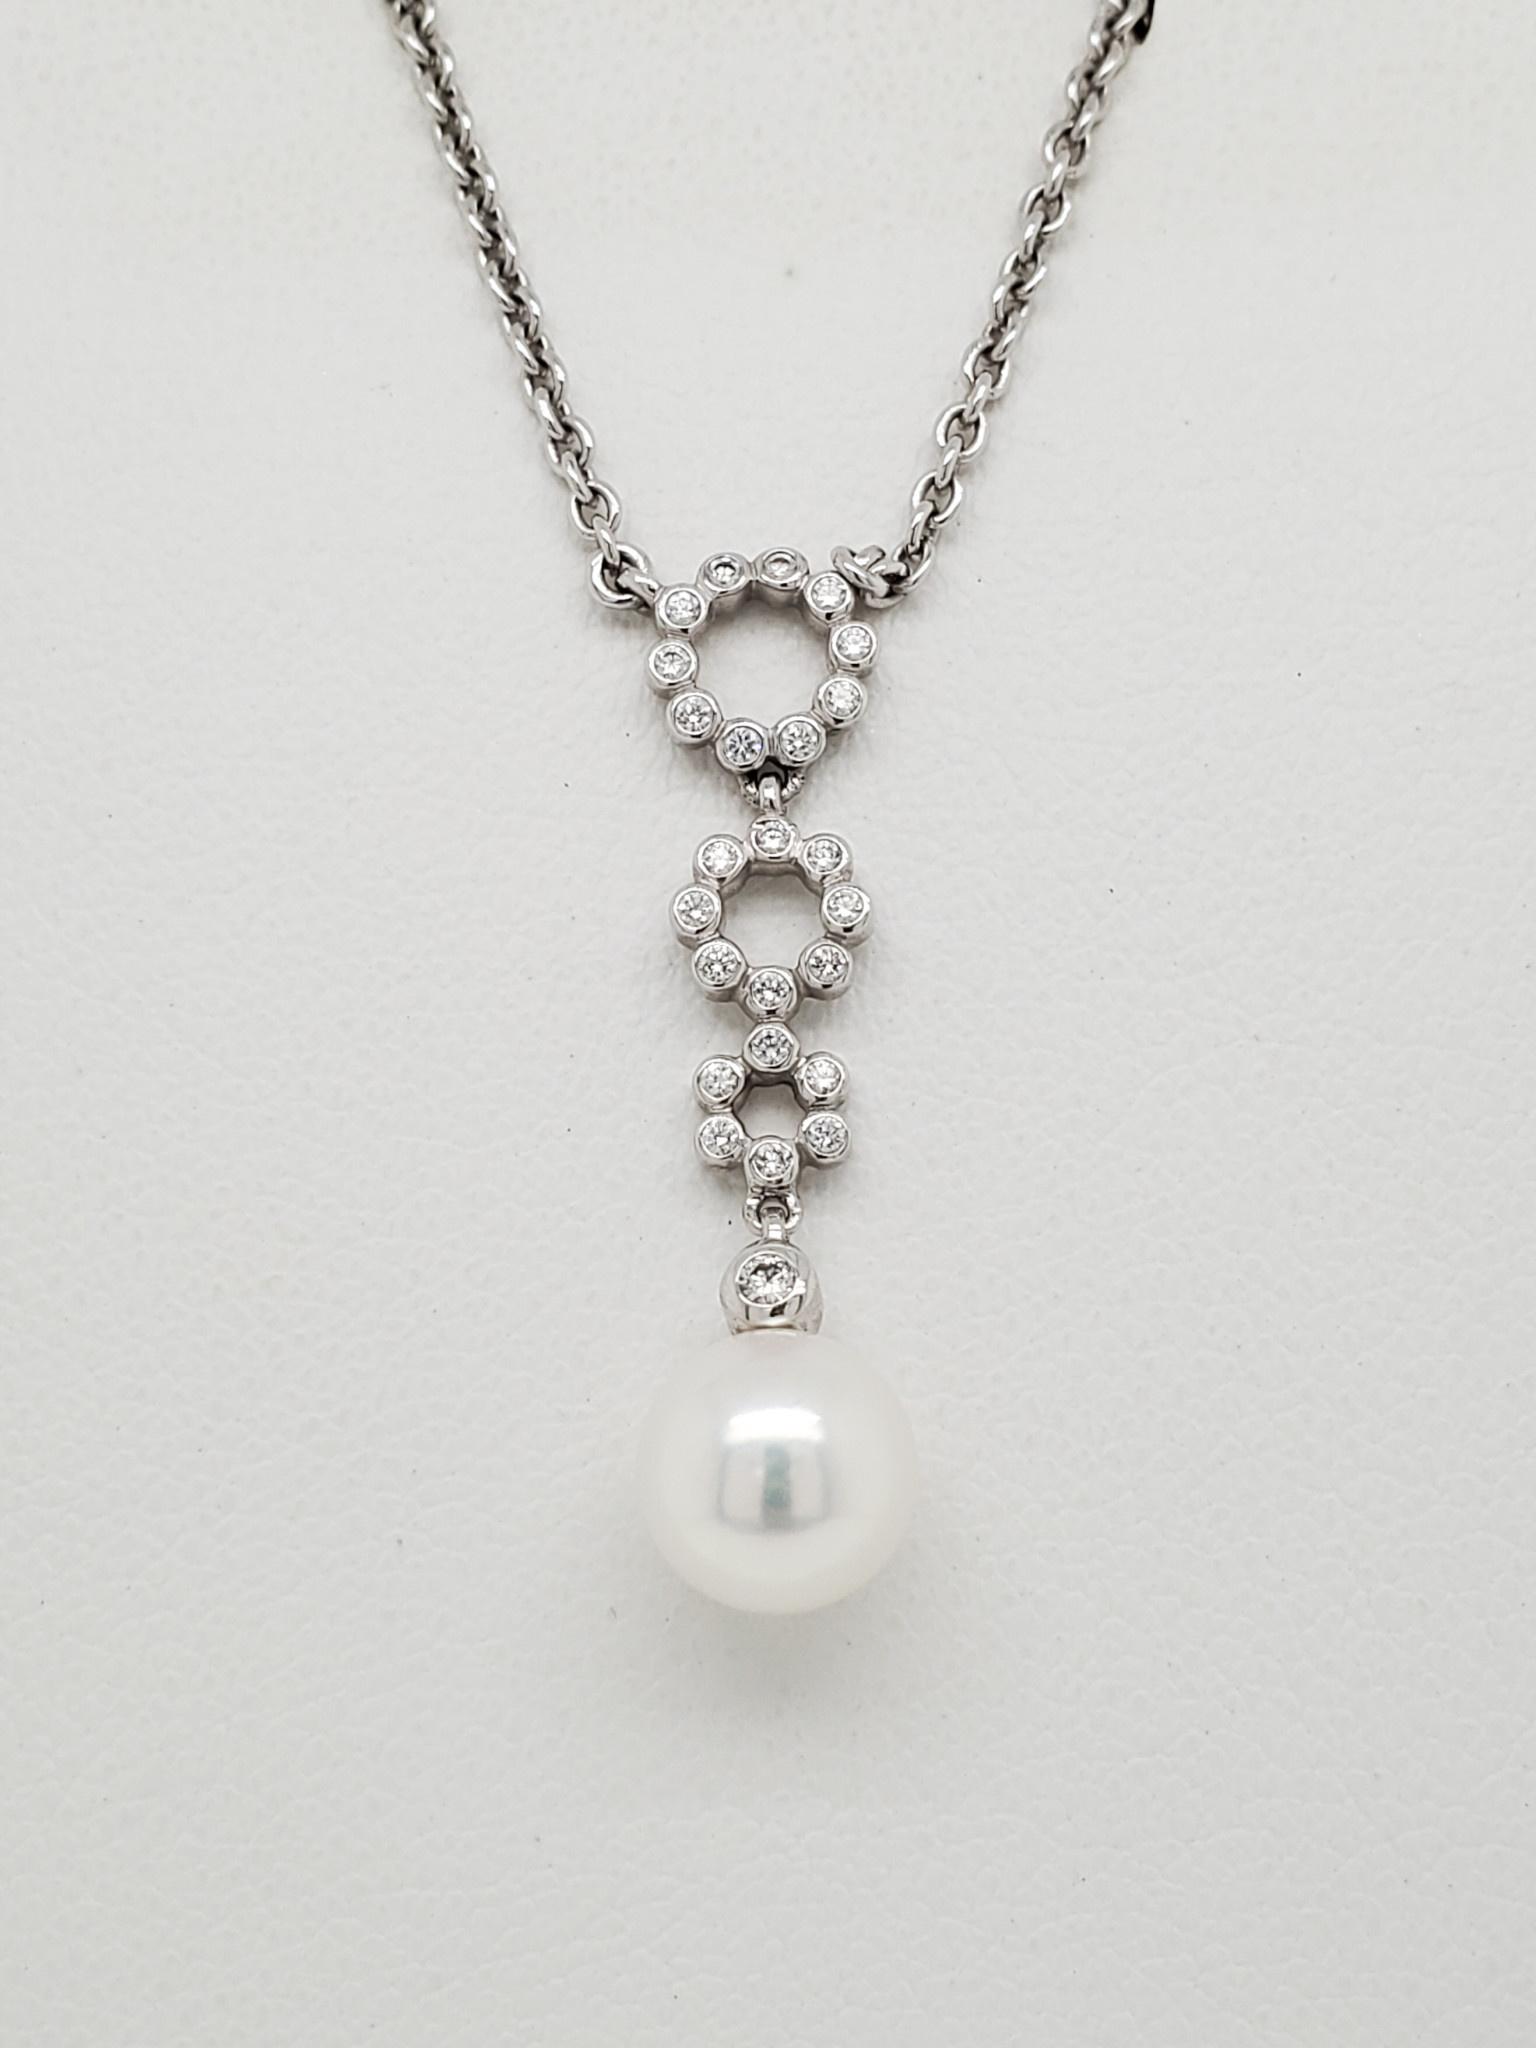 18K White Gold Mikimoto Pearl & Diamond Pendant